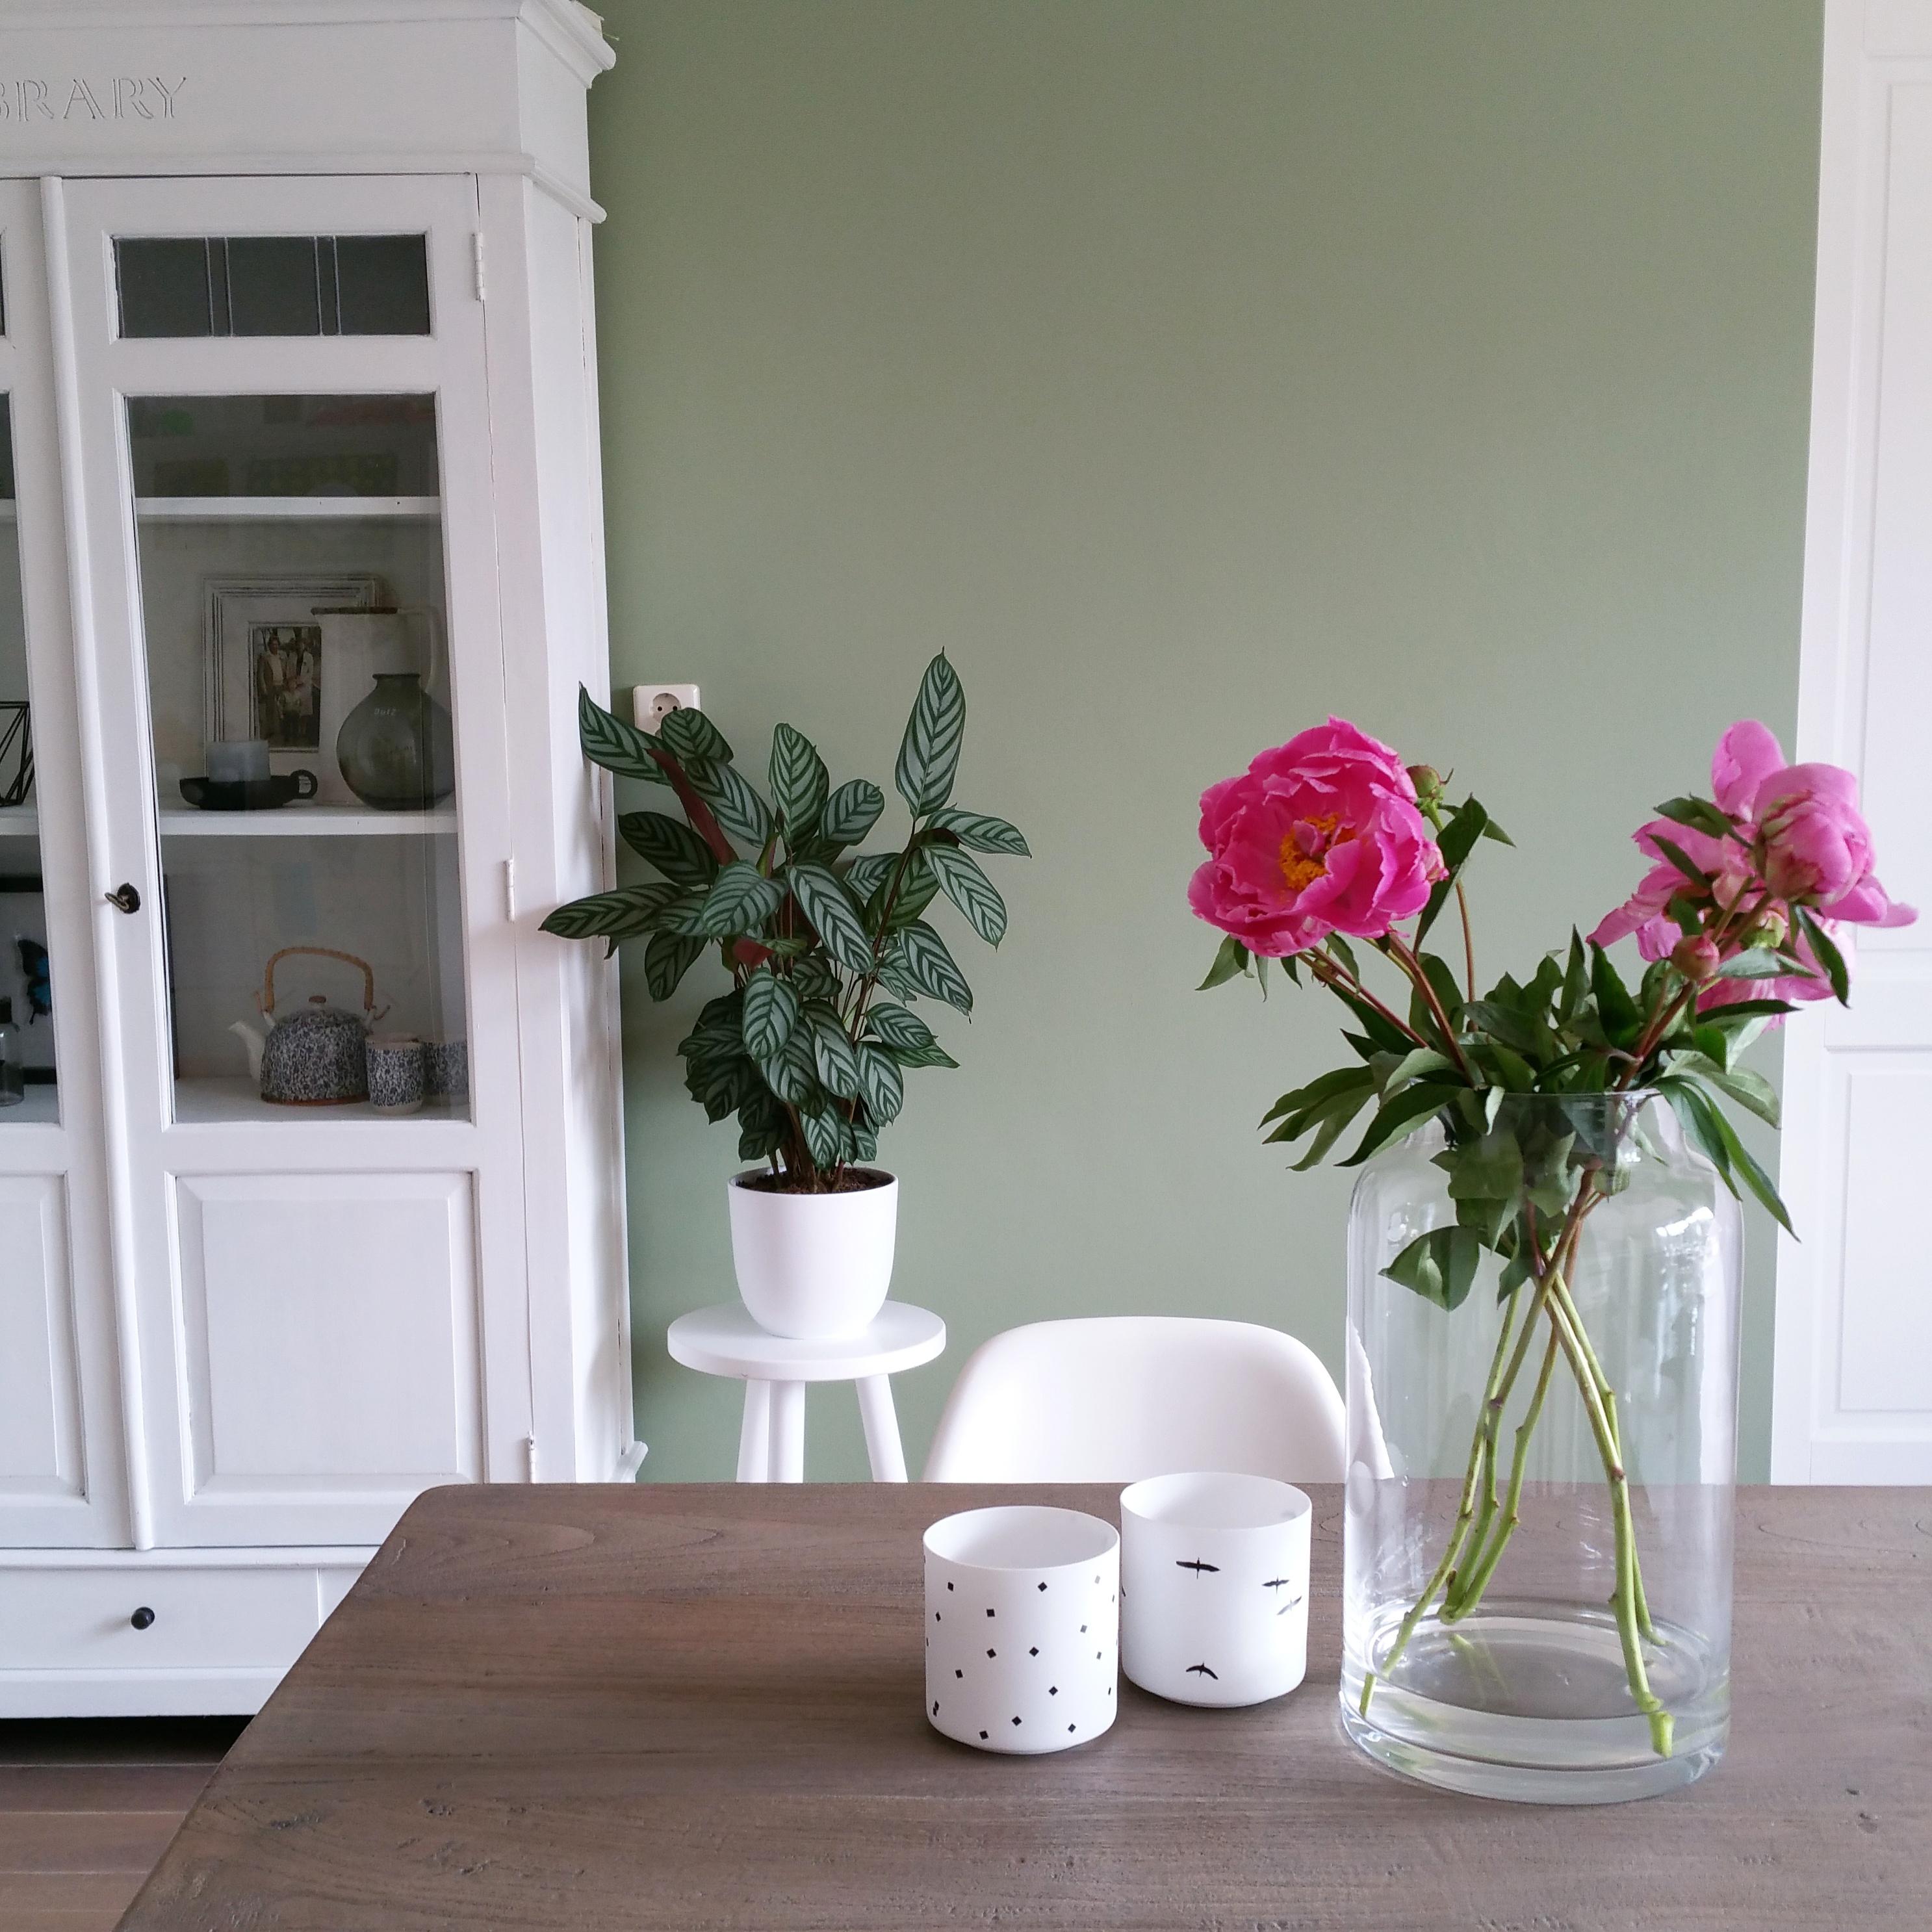 Liefde voor groen | Furnlovers.nl